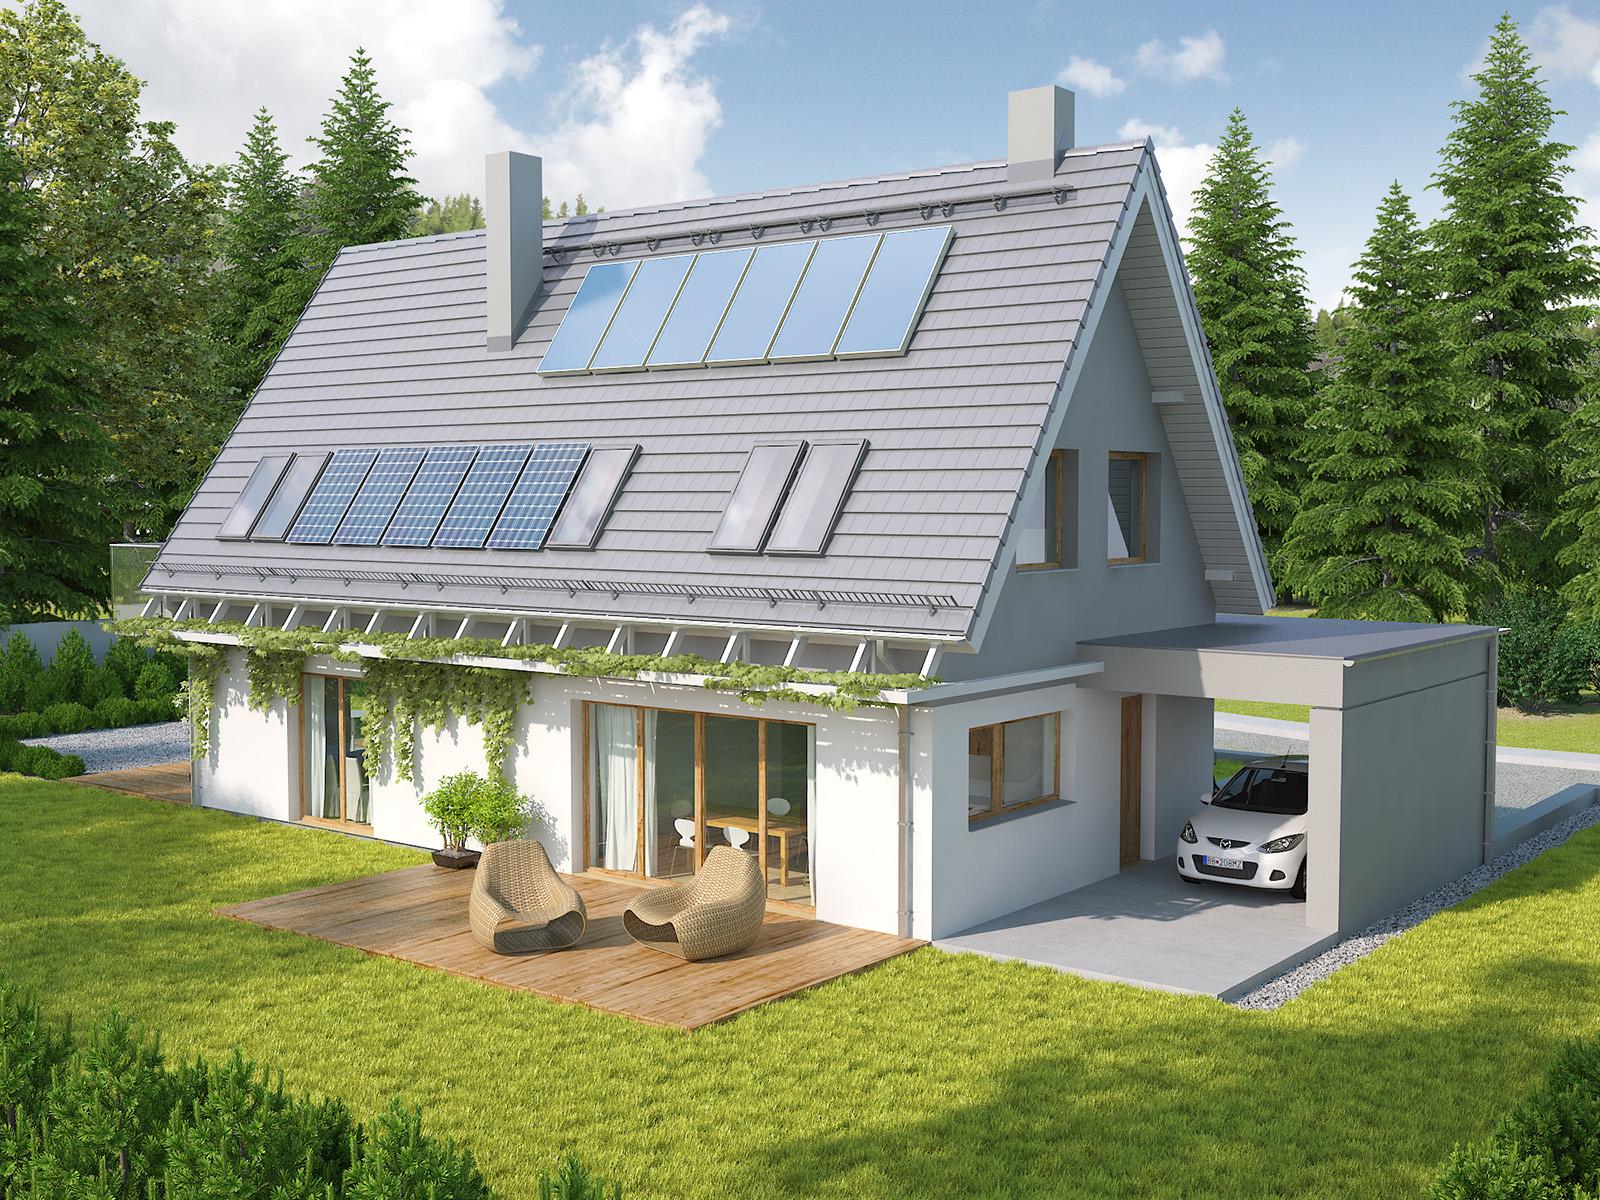 Projekt domu Z WIDOKIEM Domy Czystej Energii widok od boku i od frontu